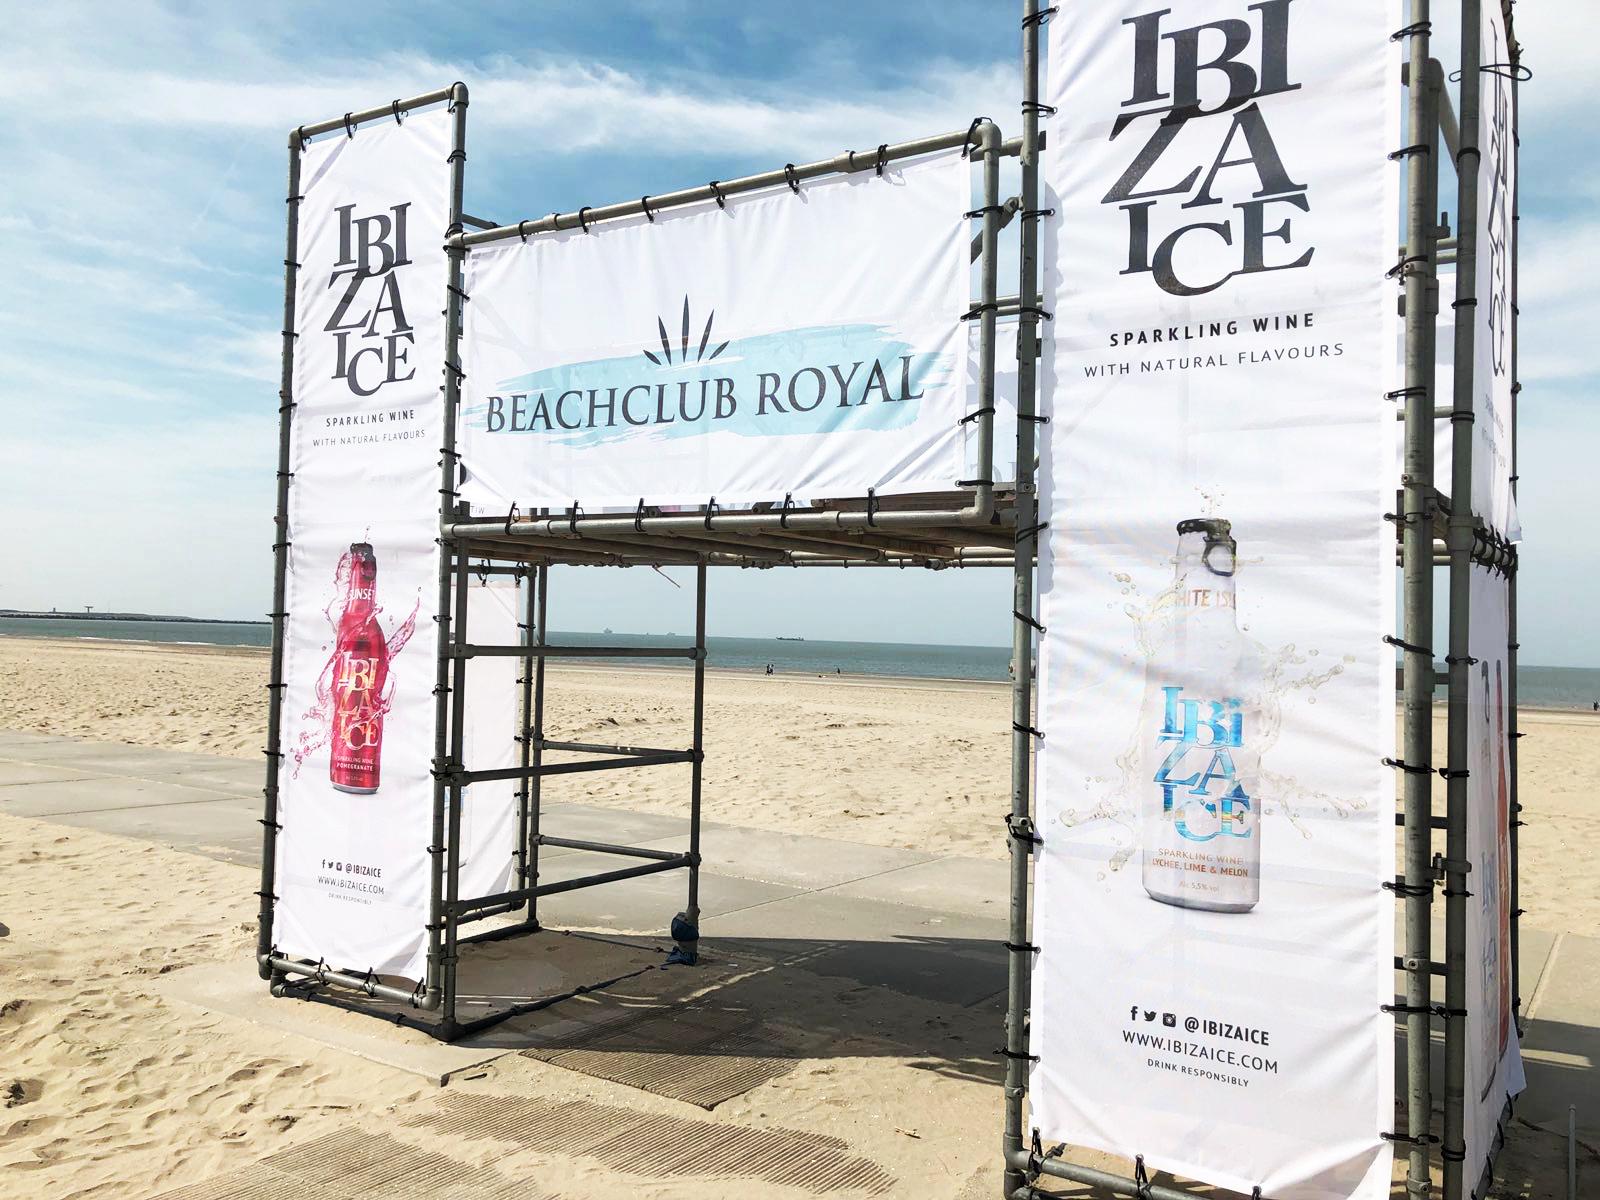 Verschillende banners voor Ibiza Ice.